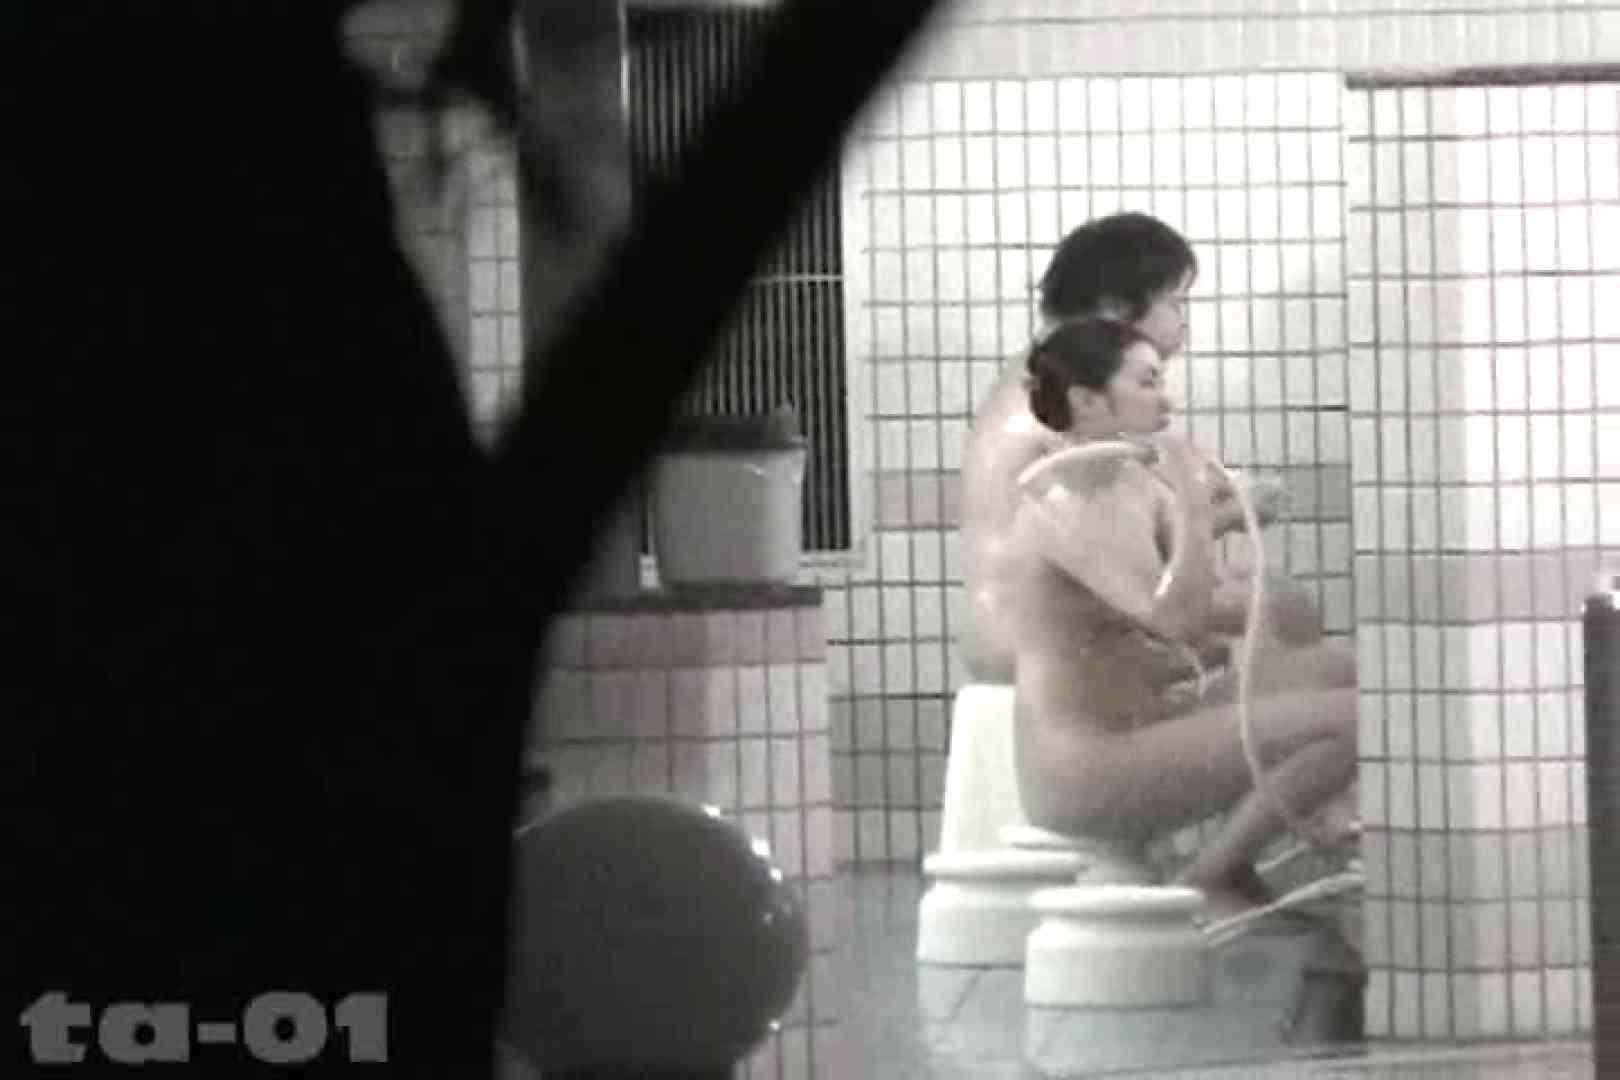 合宿ホテル女風呂盗撮高画質版 Vol.01 合宿 おまんこ動画流出 106画像 29